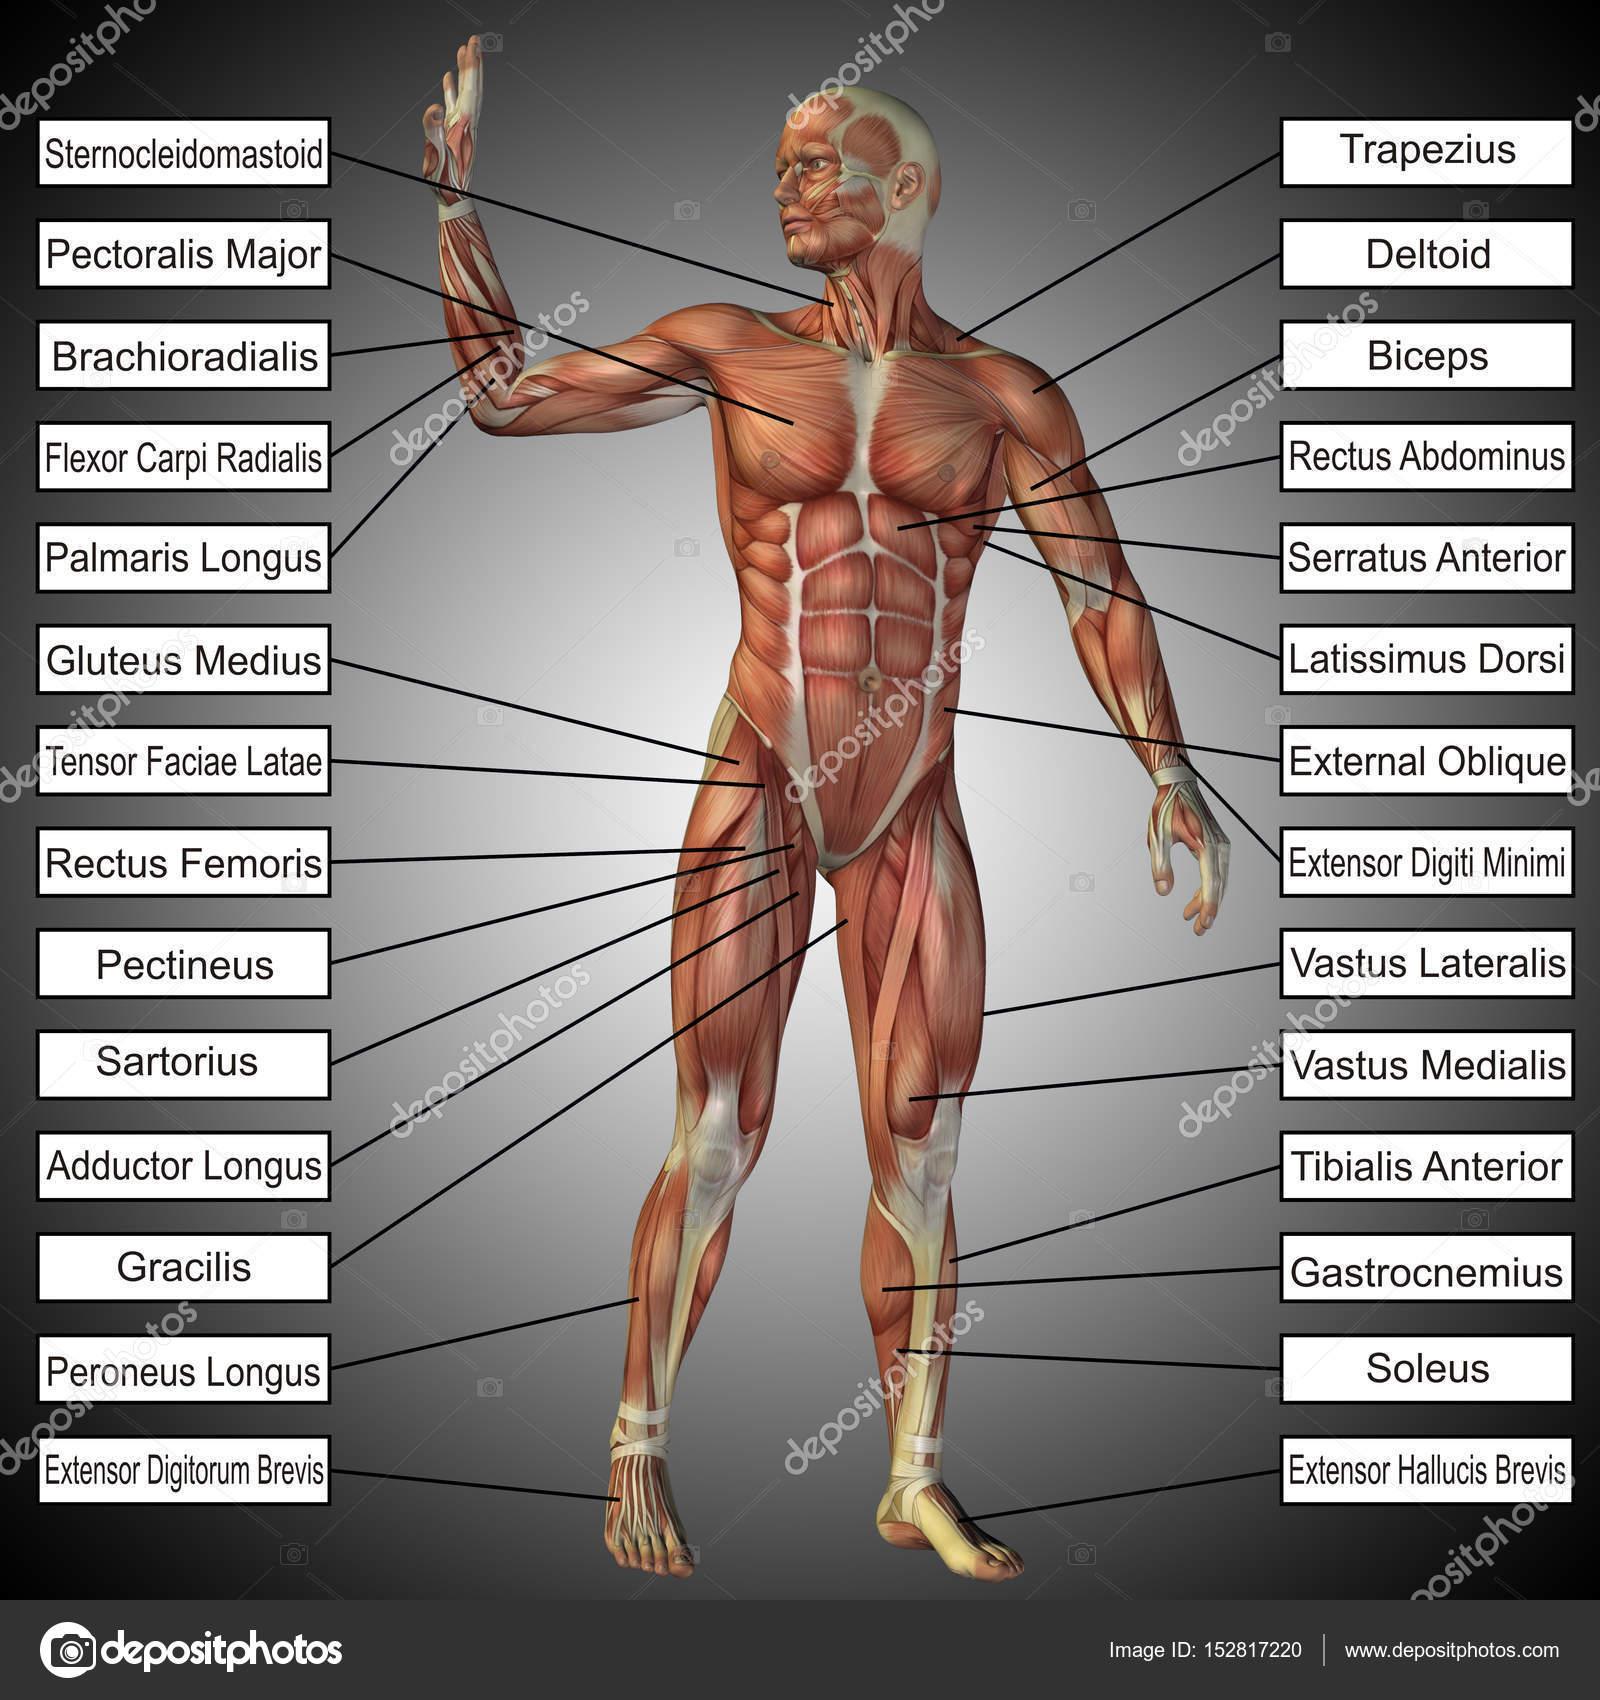 männlich oder menschliche Anatomie — Stockfoto © design36 #152817220